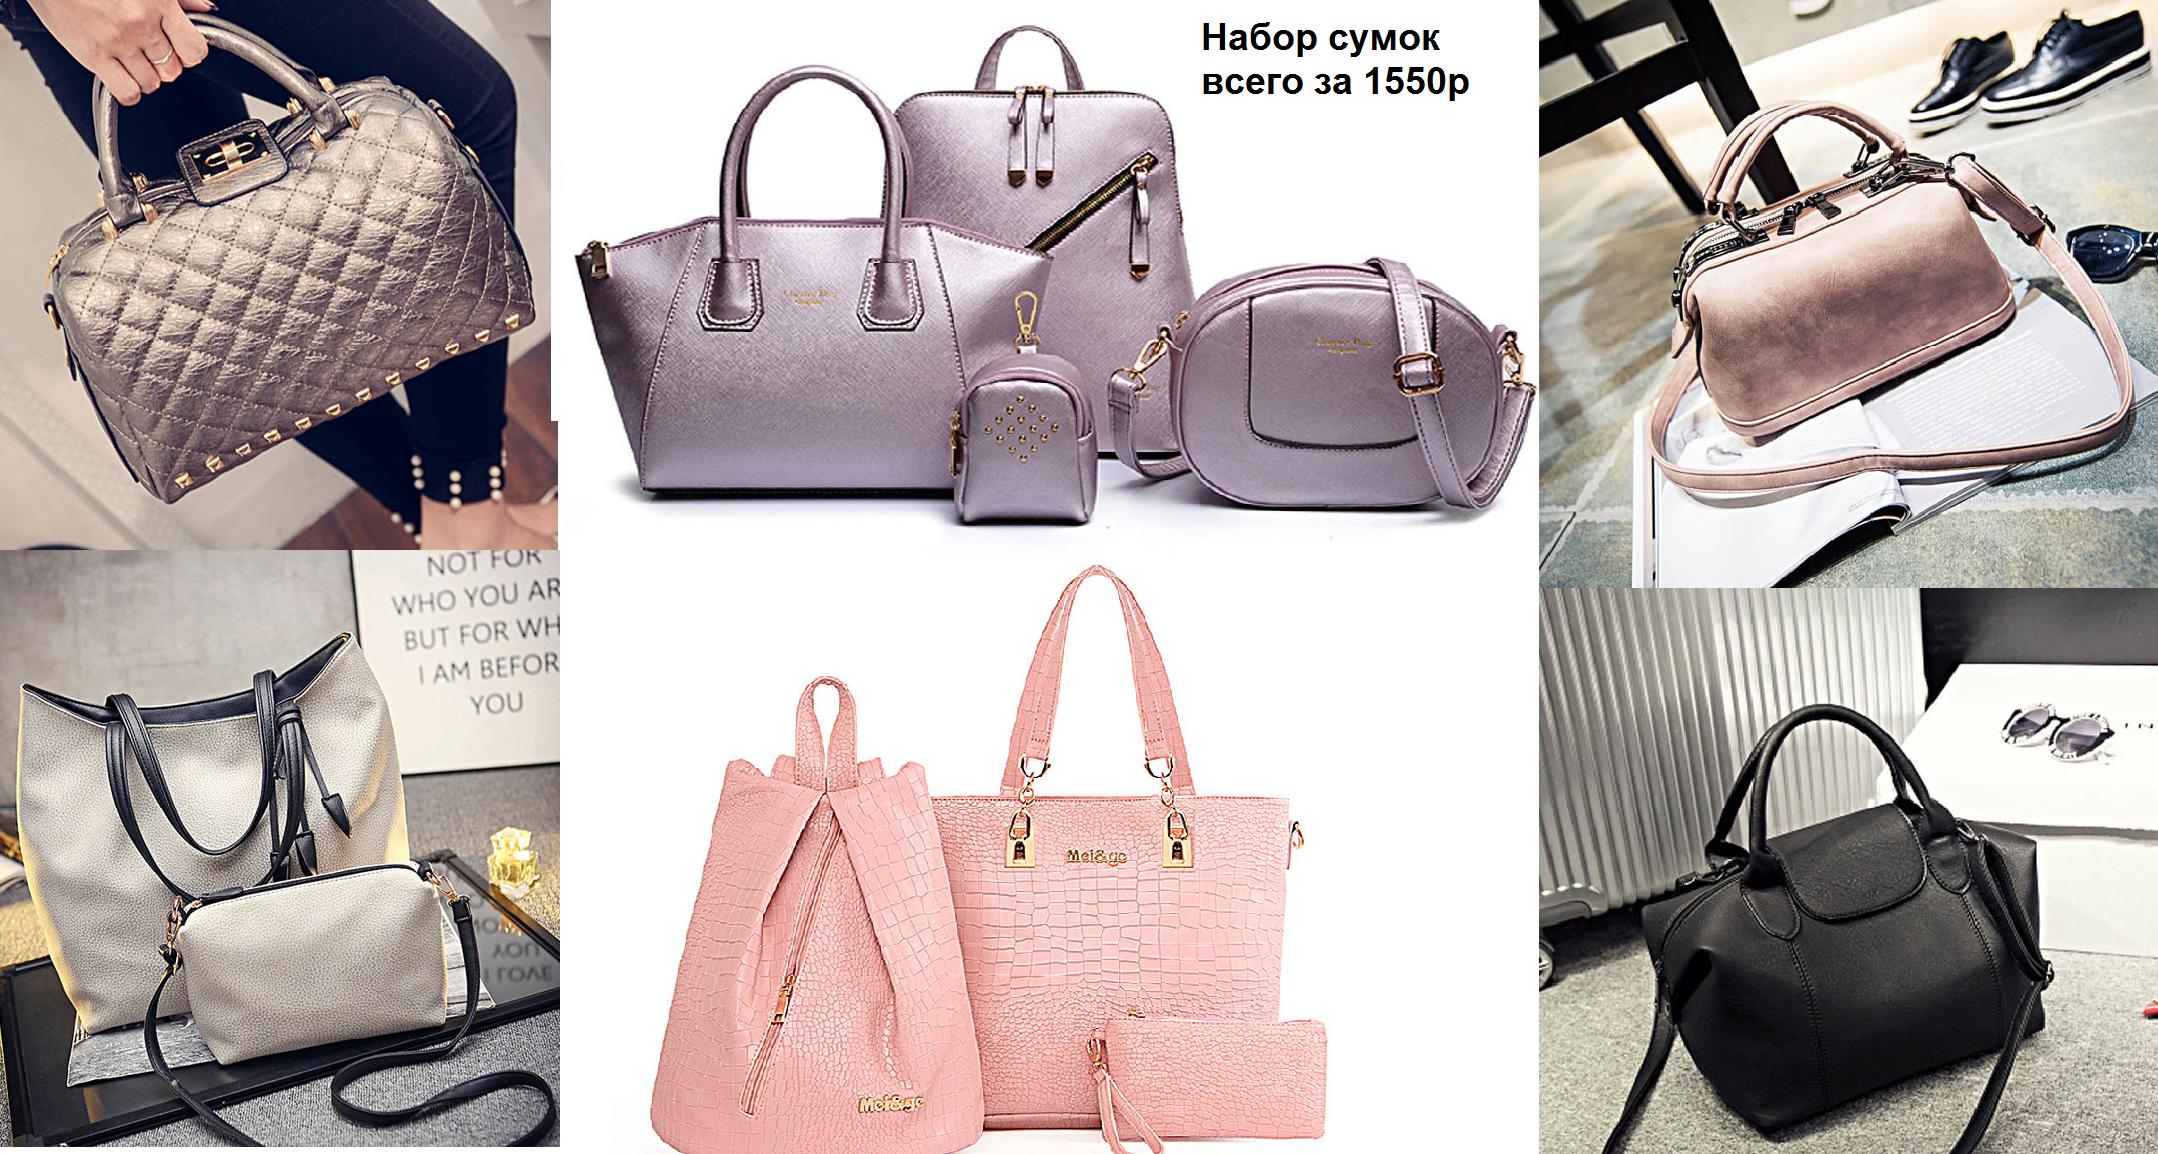 Очень много сумок оптом.Наборы сумок 2 в 1,3 в 1,4 в 1,5 в 1,6 в 1, клатчи,кошельки,рюкзаки,спортивные,дорожные сумки, чемоданы и так же Плюшевые ковры для дома